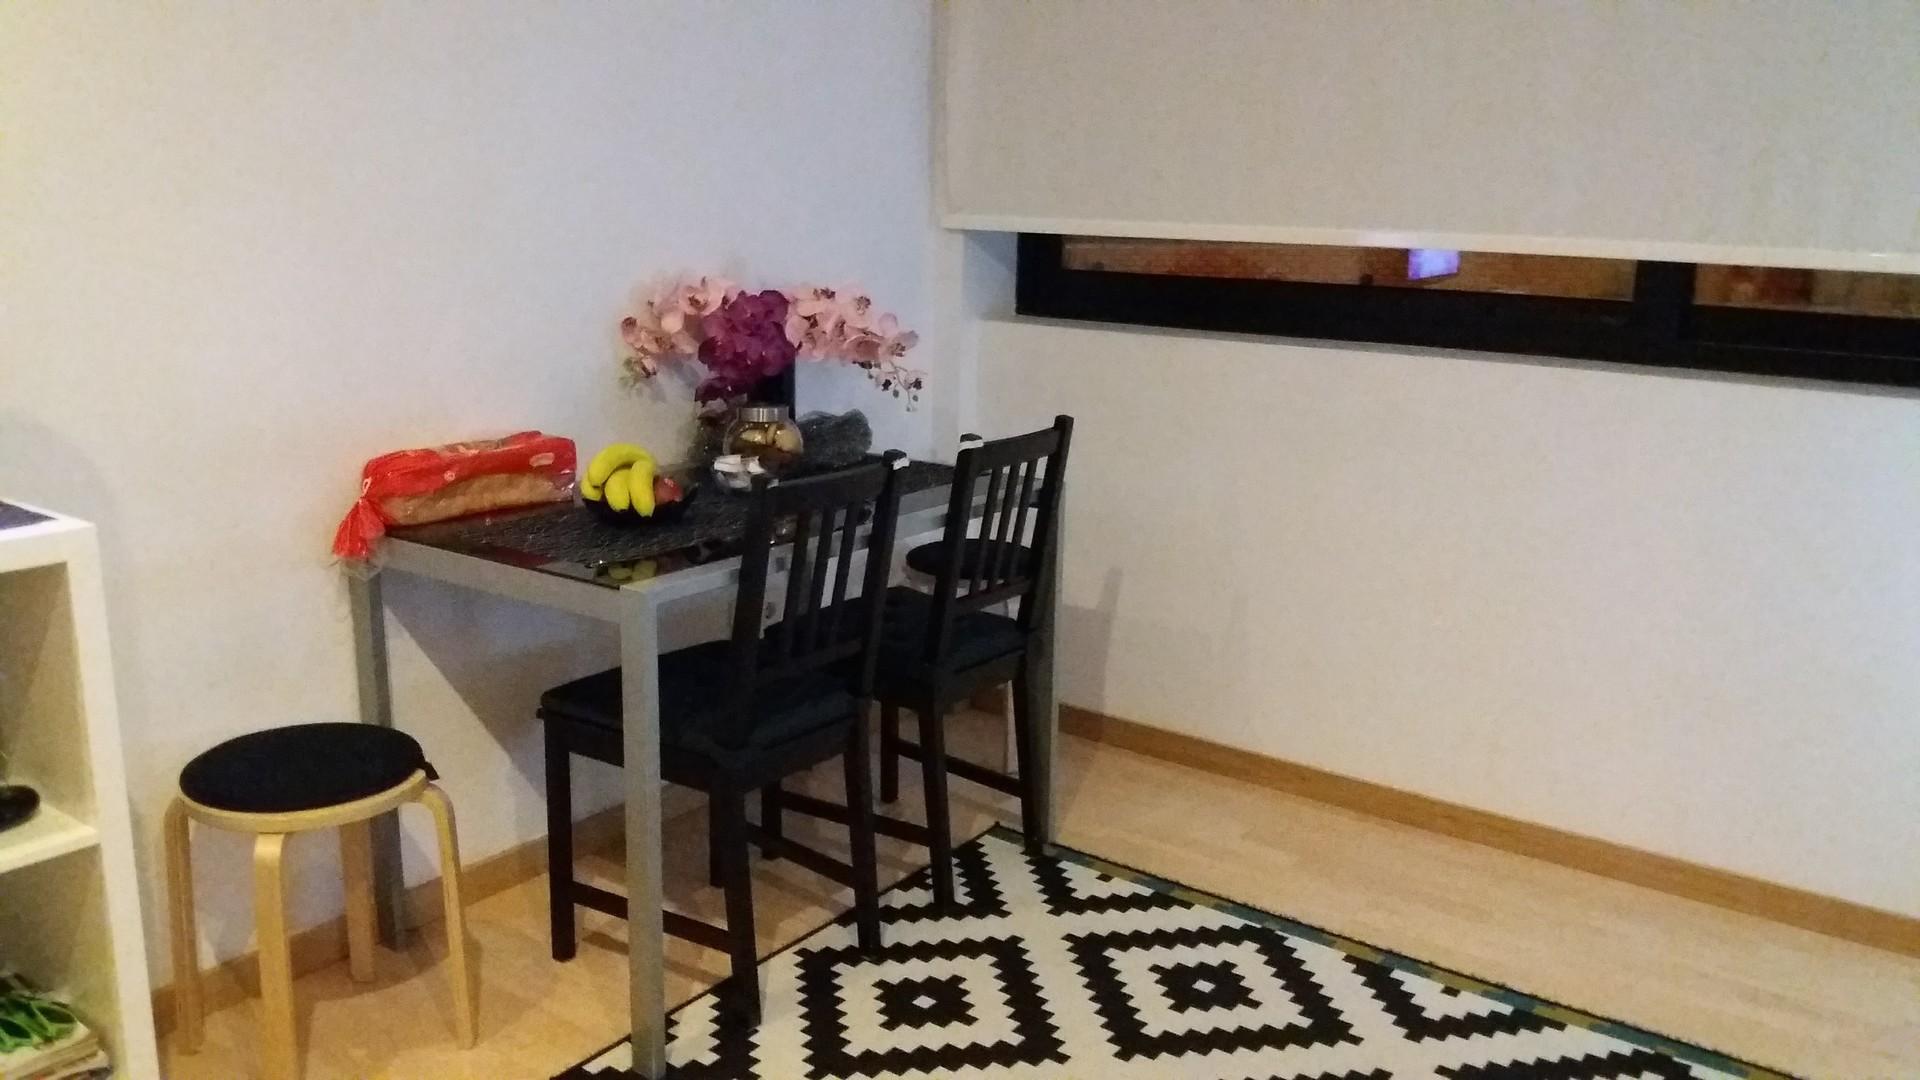 Santiago Residence Ria Aveiro Apartment next to the University